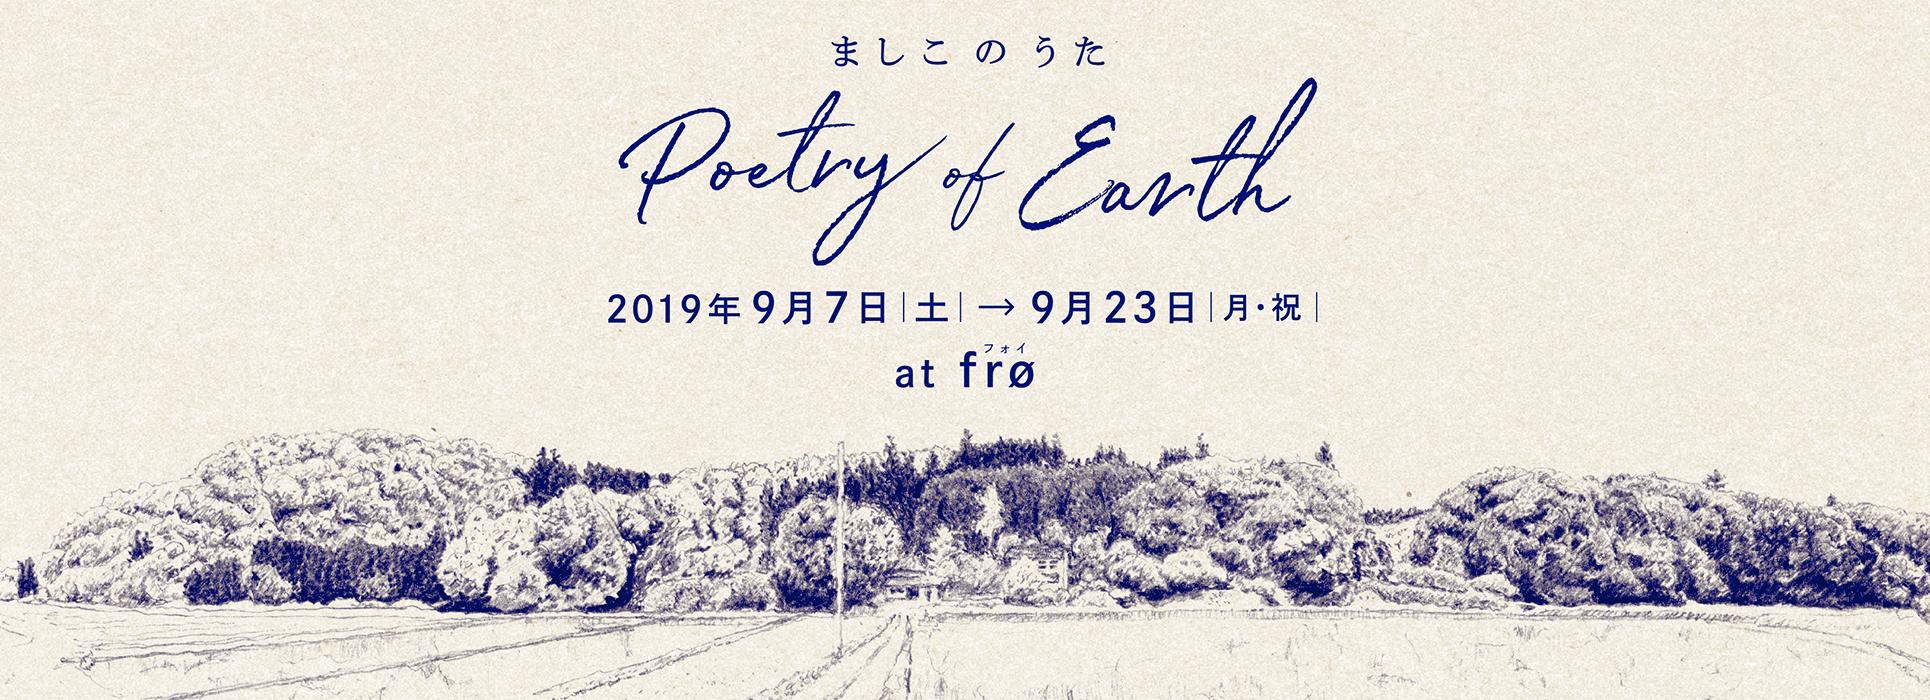 2_スケッチpoetryofeaarth_banner (1)